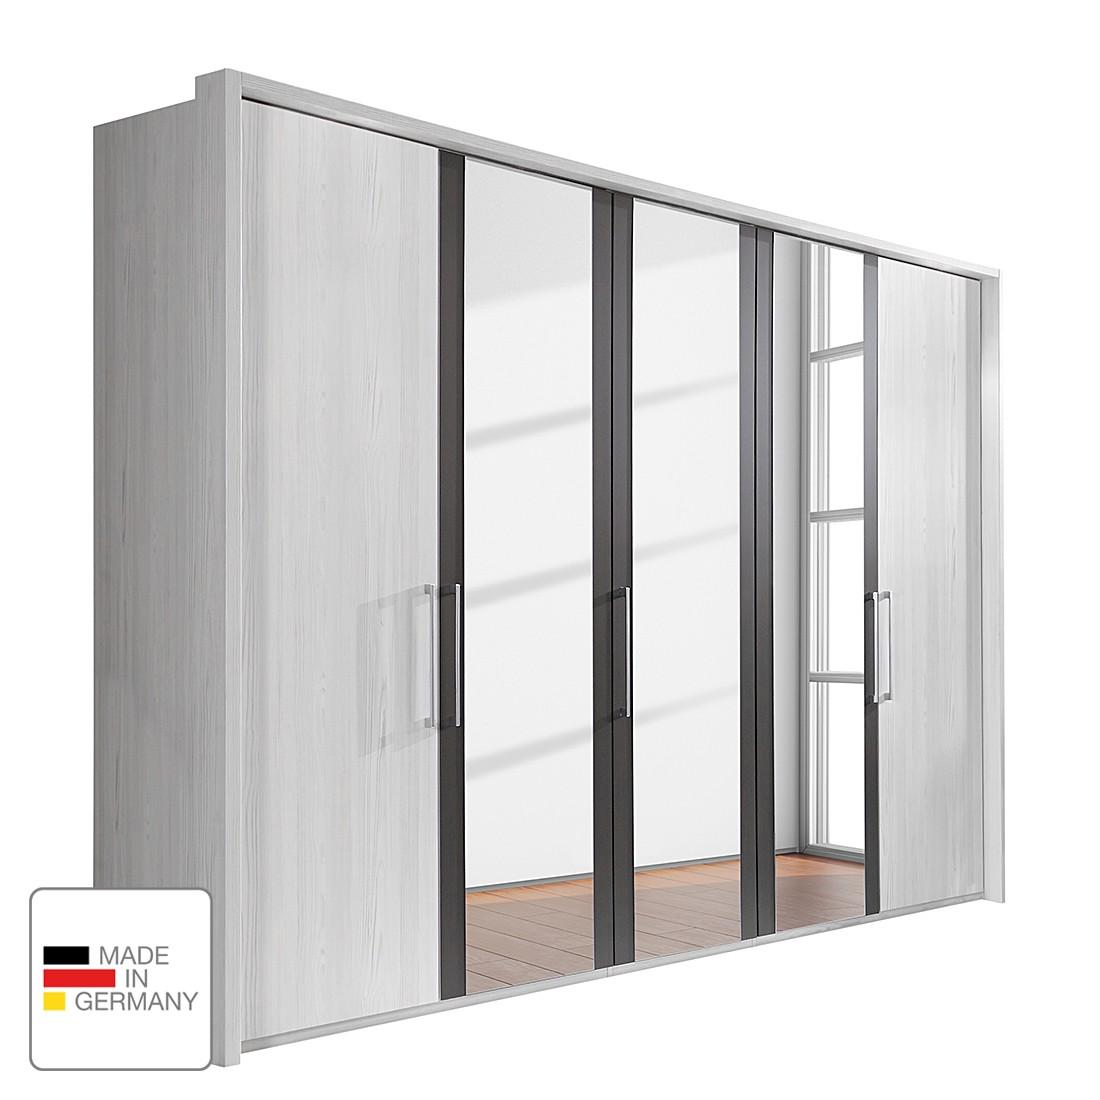 Drehtürenschrank Lissabon - Polar Lärche Dekor/Havanna - 400 cm (8-türig) - 6 Spiegeltüren - Mit Passepartoutrahmen, Althoff